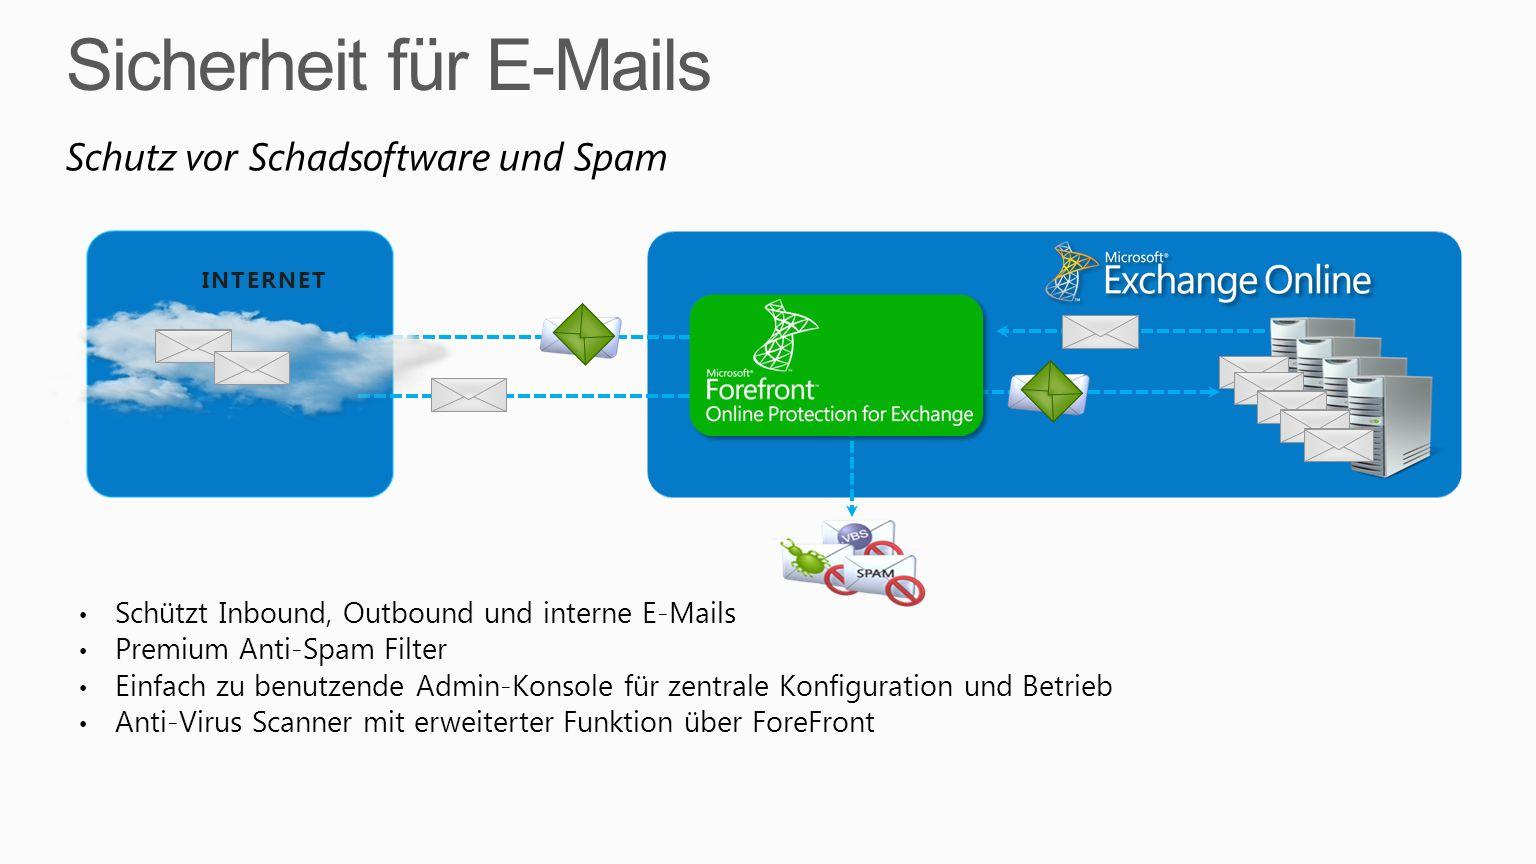 Schutz vor Schadsoftware und Spam Schützt Inbound, Outbound und interne E-Mails Premium Anti-Spam Filter Einfach zu benutzende Admin-Konsole für zentr